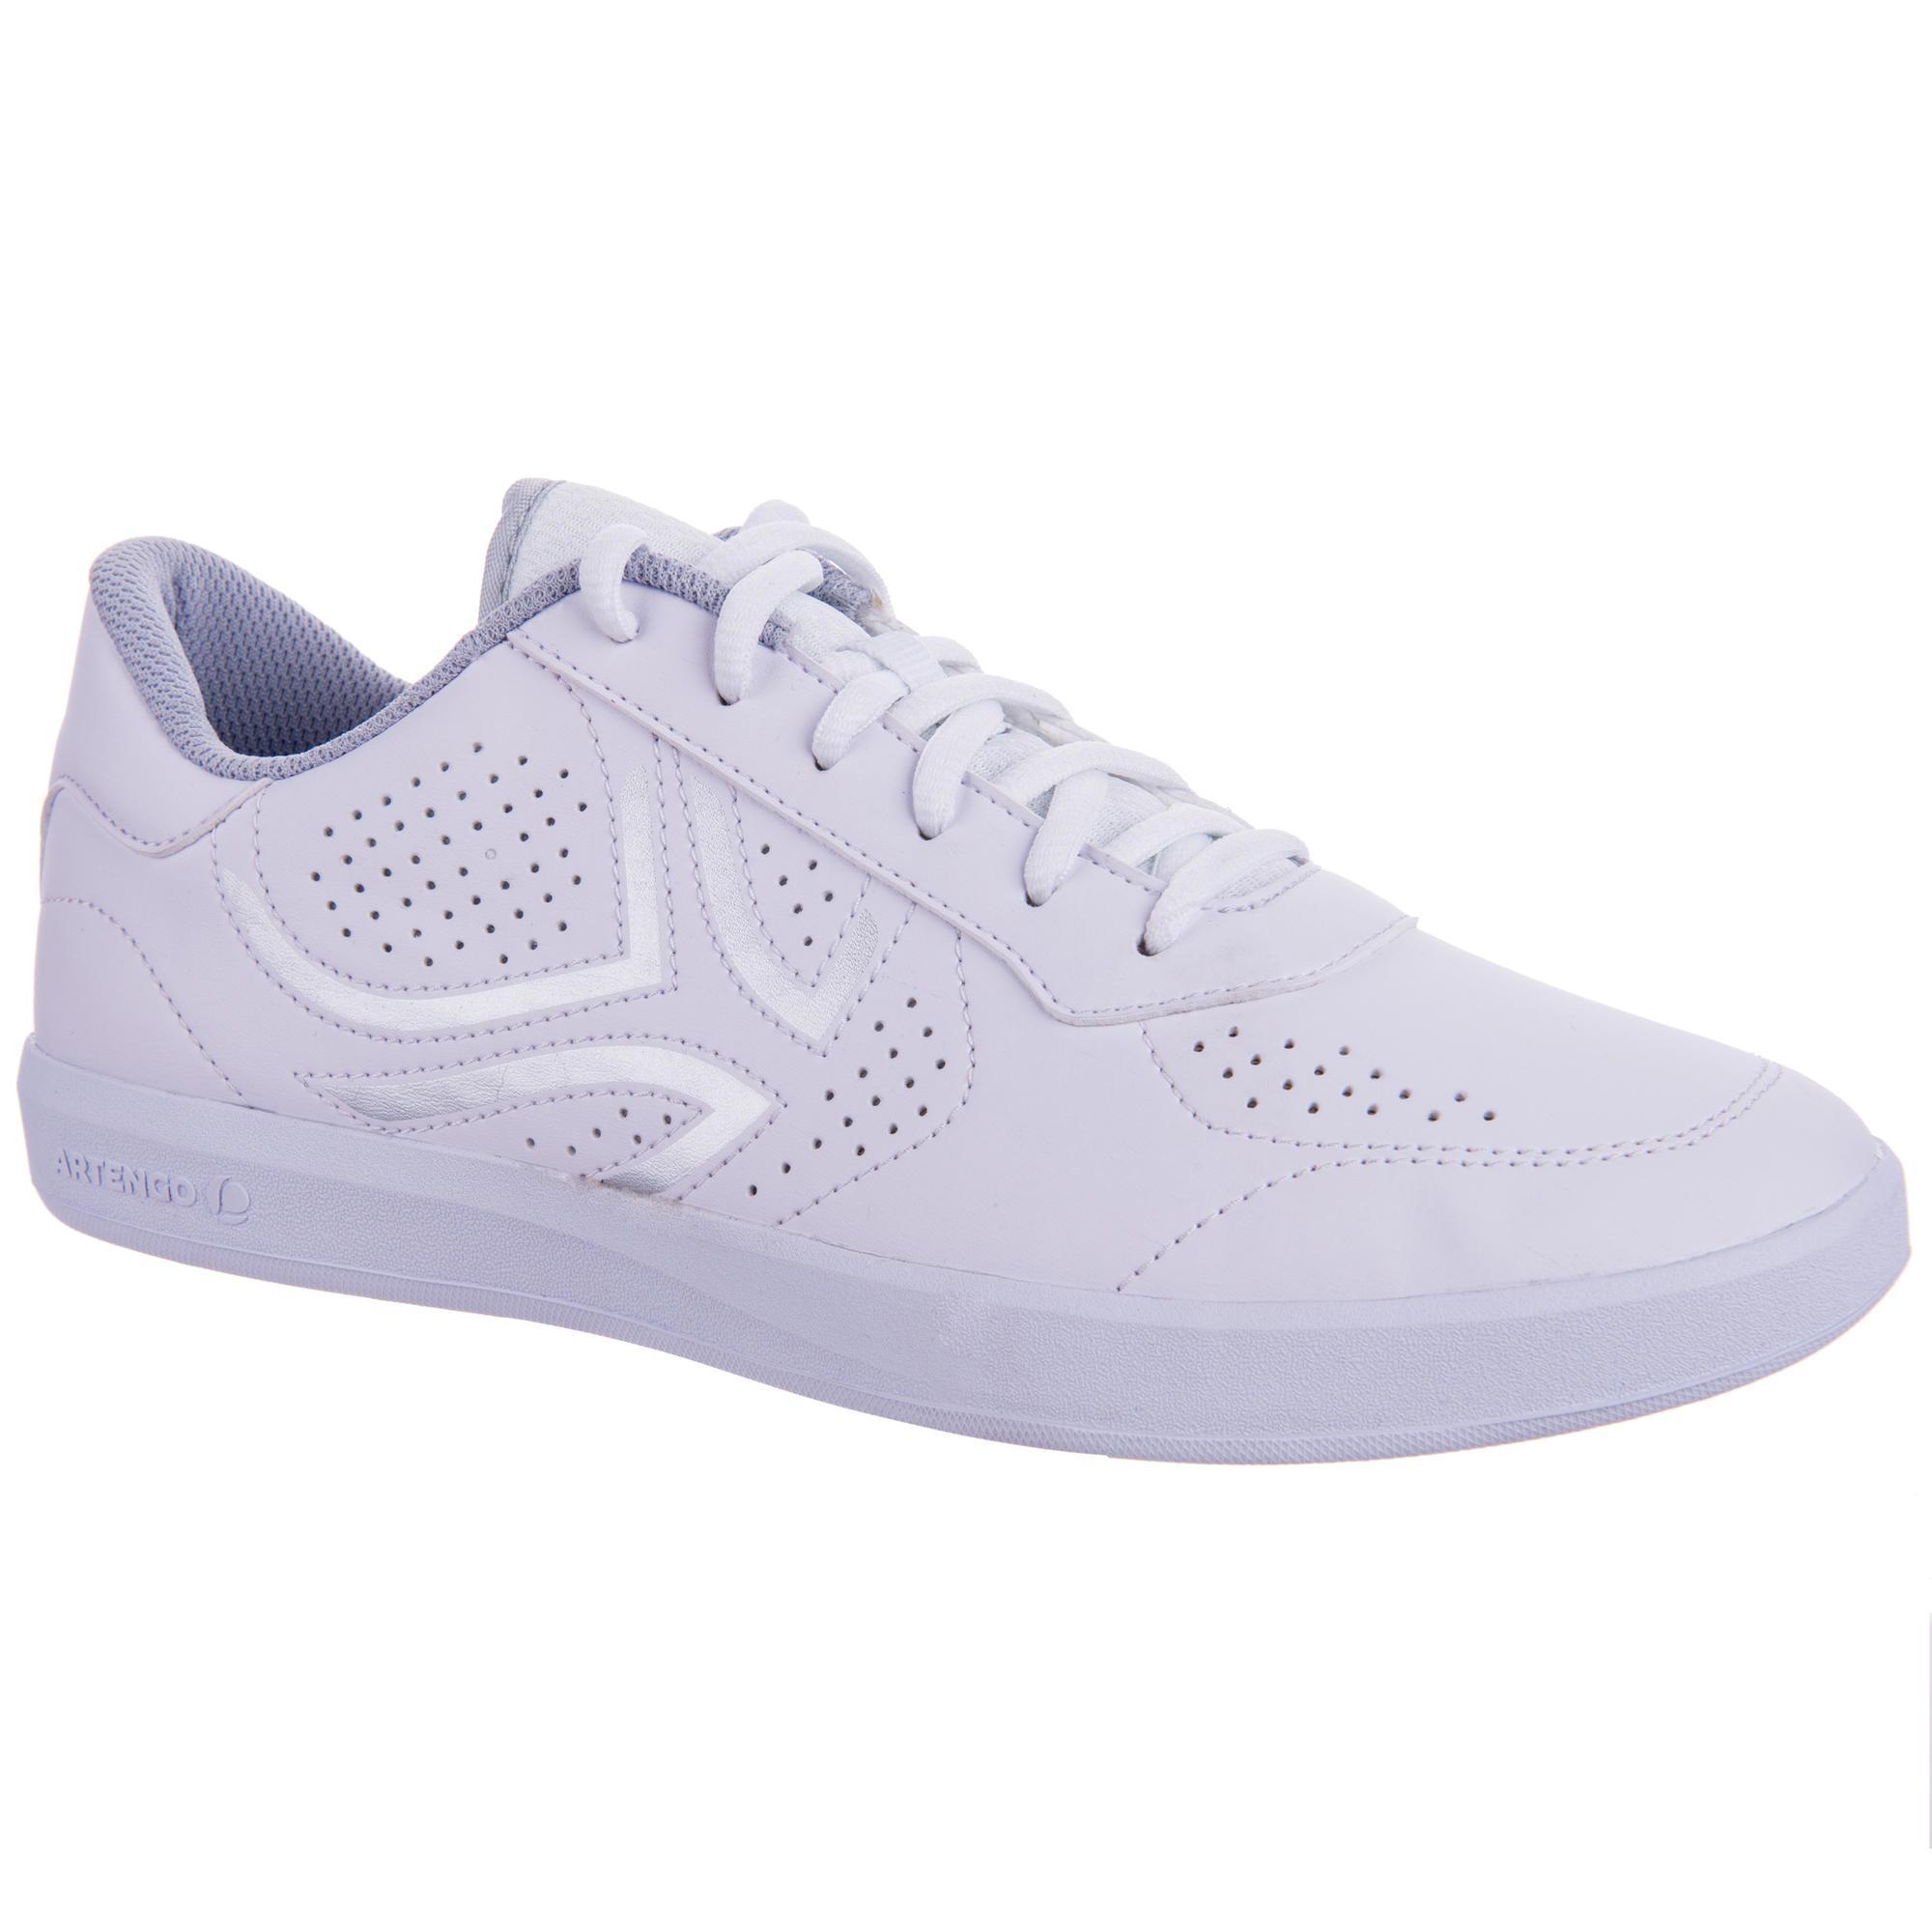 Tennisschuhe TS100 Damen weiß | Schuhe | Artengo